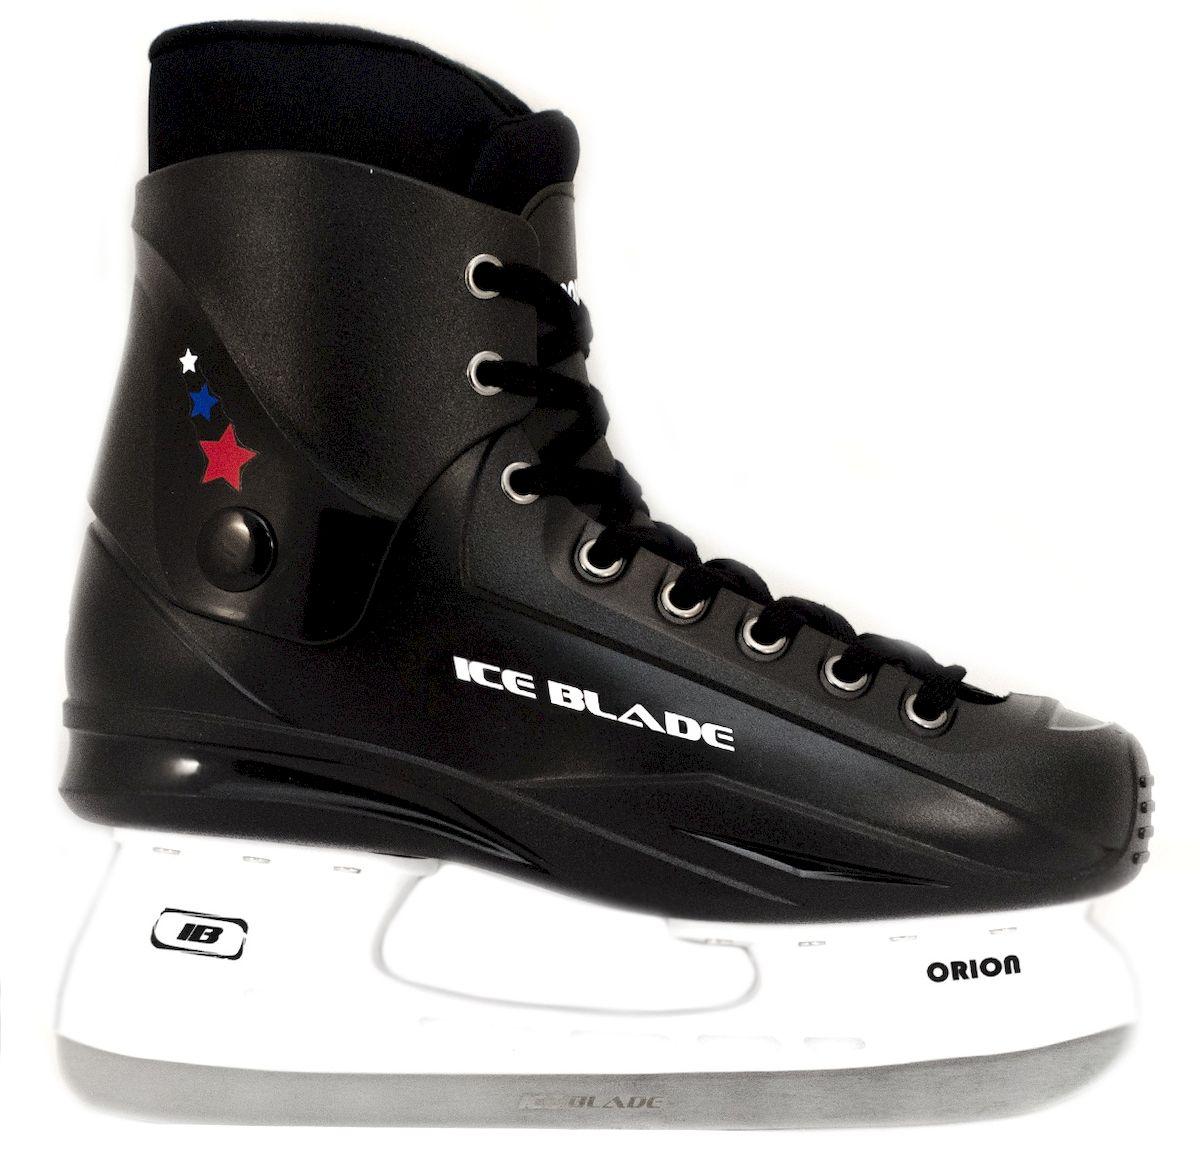 Коньки хоккейные Ice Blade Orion, цвет: черный. УТ-00004984. Размер 39УТ-00004984Коньки хоккейные Ice Blade Orion - это хоккейные коньки для любых возрастов. Конструкция прекрасно защищает стопу, очень комфортна для активного катания, а также позволяет играть в хоккей. Легкий ботинок очень комфортный как для простого катания на льду, так и для любительского хоккея. Ботинок выполнен из высококачественного морозостойкого пластика и нейлоновой сетки. Внутренний сапожок утеплен мягким и дышащим вельветом, а язычок усилен специальной вставкой для большей безопасности стопы. Лезвие изготовлено из высокоуглеродистой стали, что гарантирует прочность и долговечность.Удобная система фиксации ноги и улучшенная колодка сделают катание комфортным и безопасным.